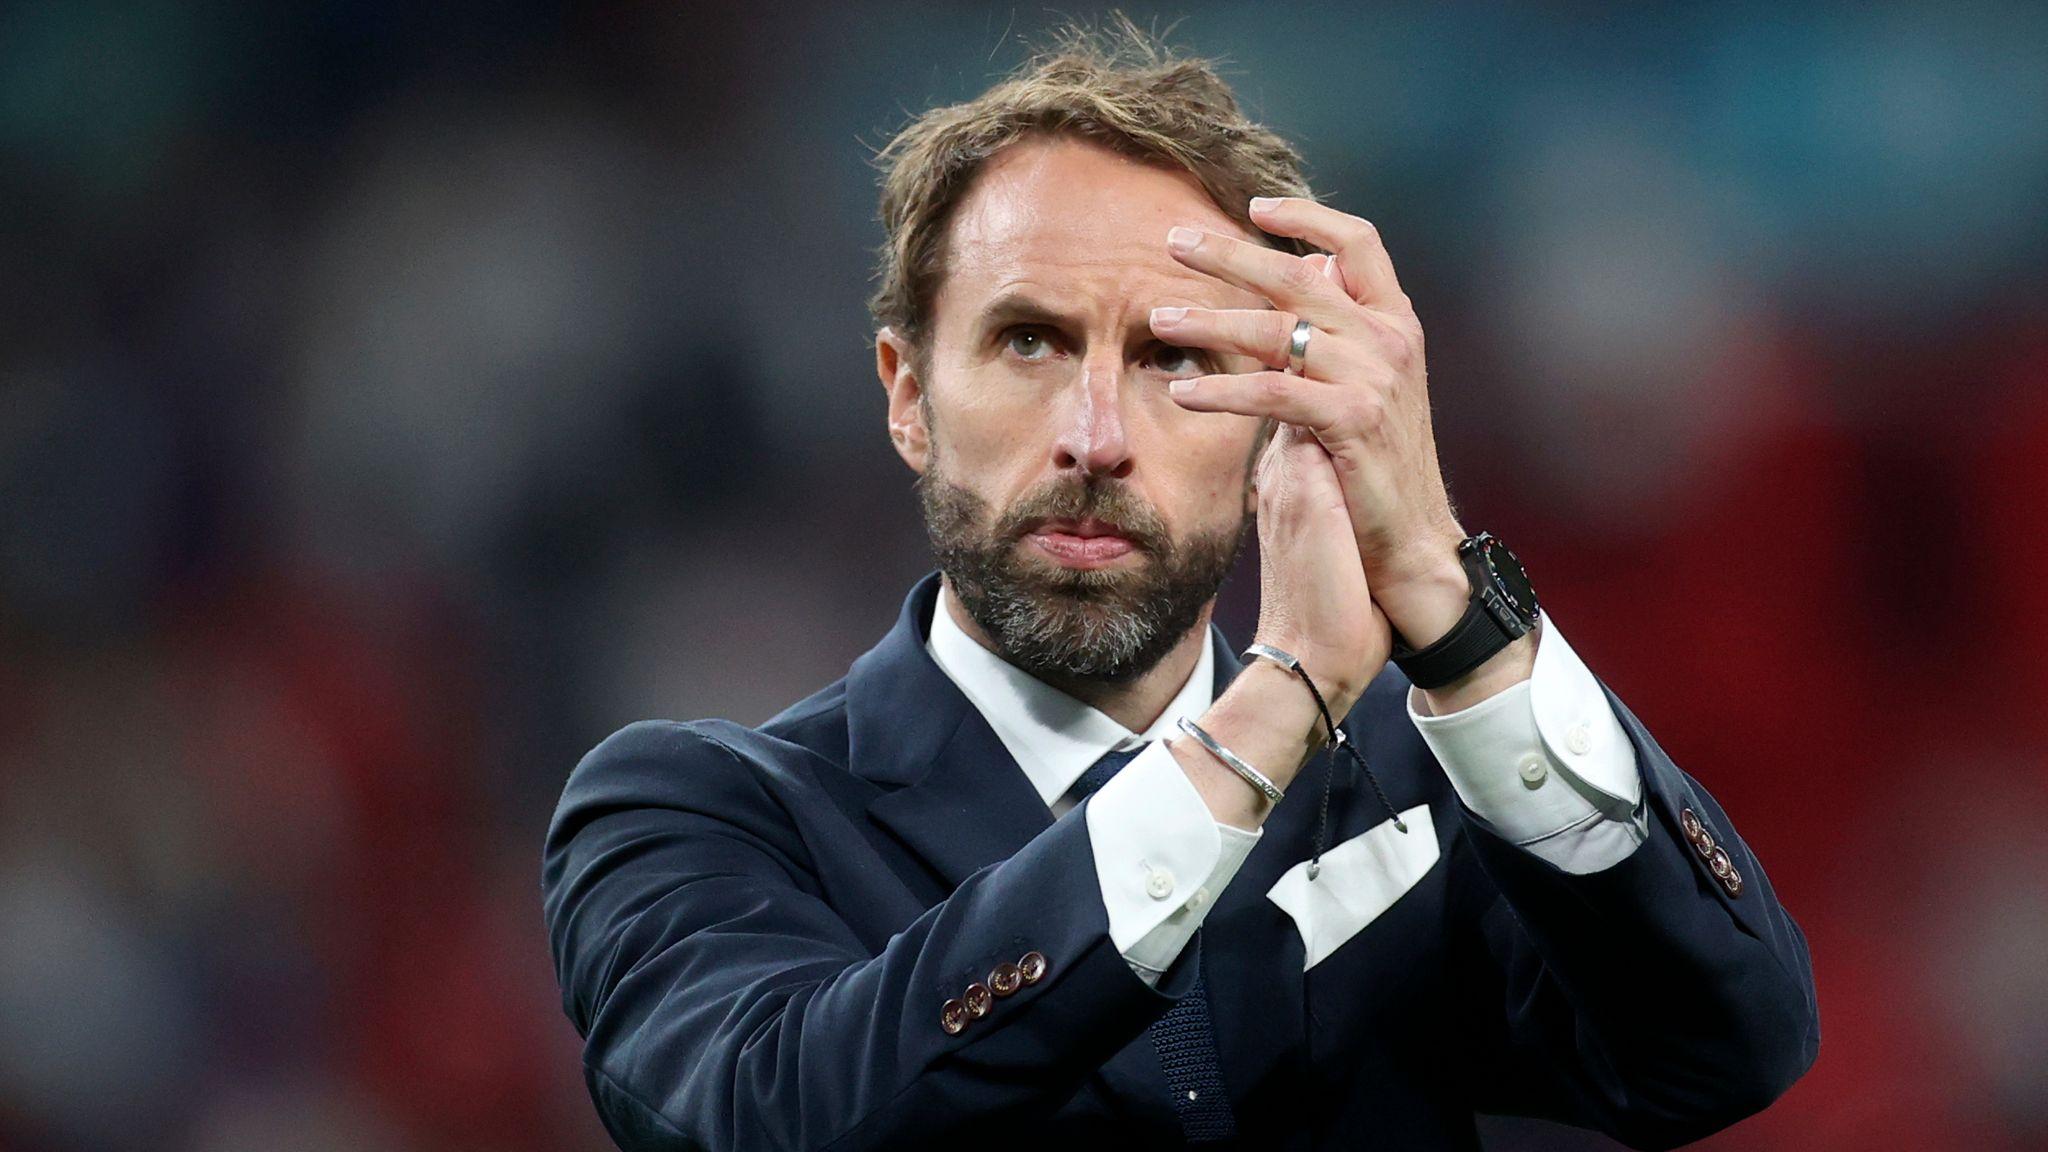 คุณว่า Gareth Southgate เก่งมั้ย พาอังกฤษเข้ารอบรองชนะเลิศบอลโลก 2018  และเข้าชิงชนะเลิศบอลยูโร 2020 ได้ - Pantip